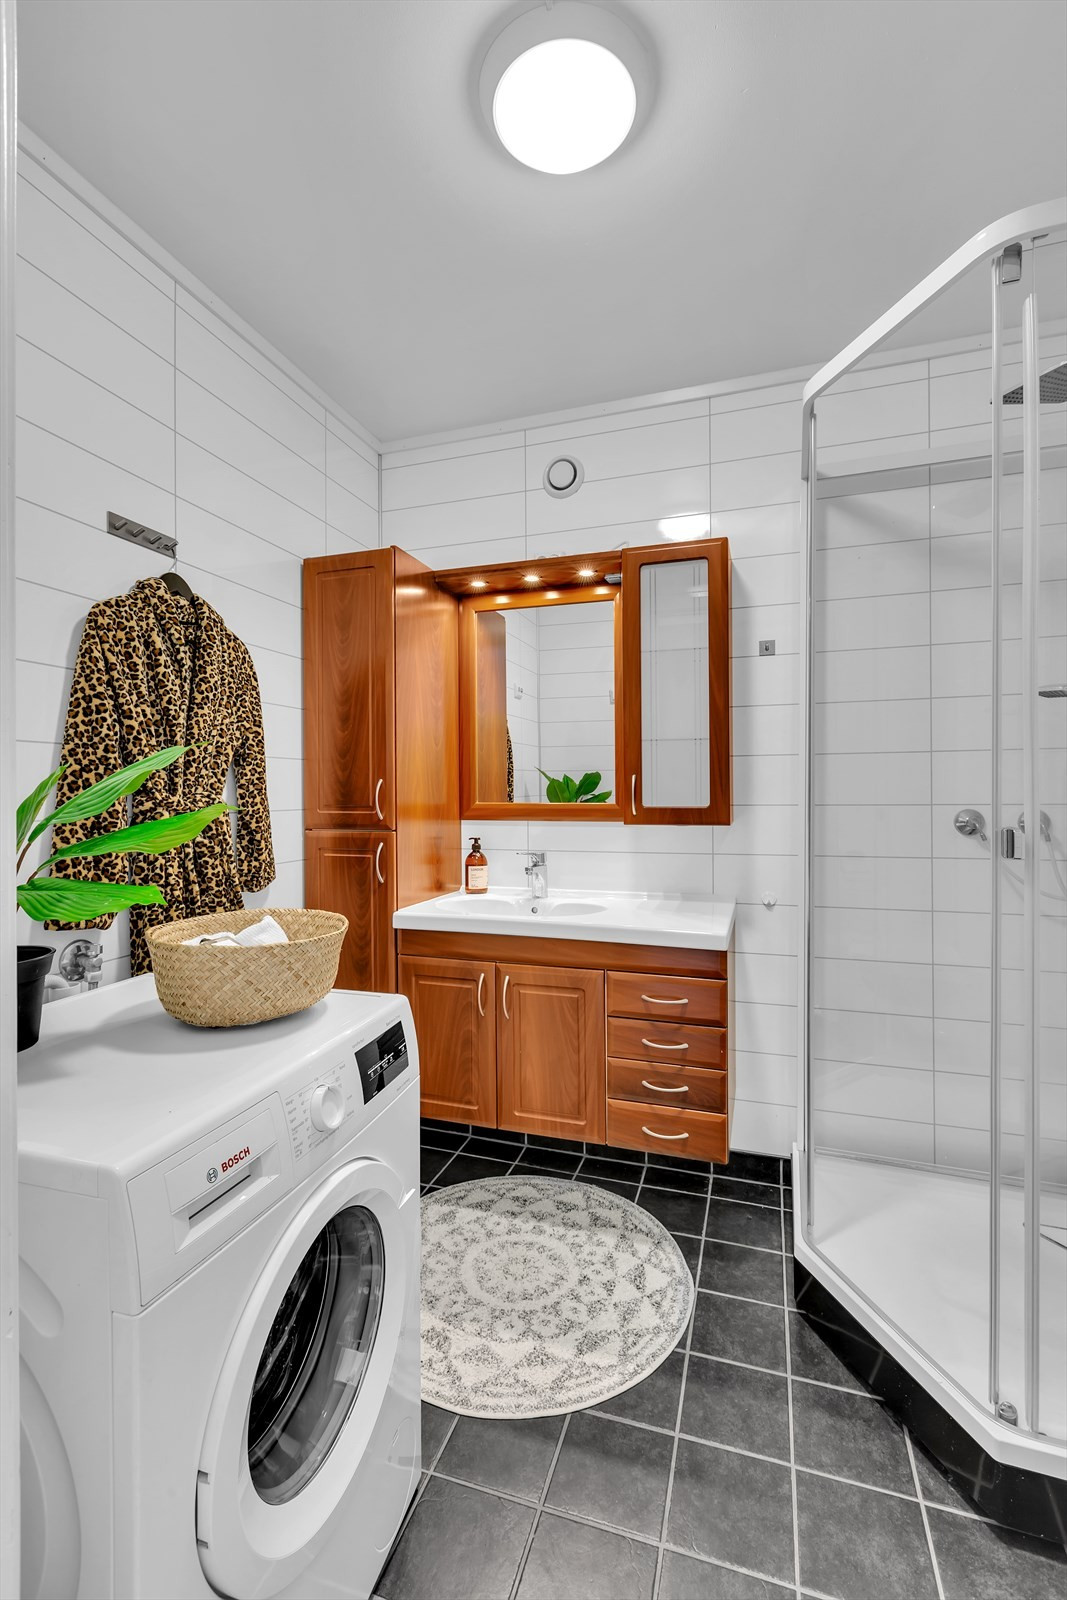 Flislagt badrom med dusjkabinett.